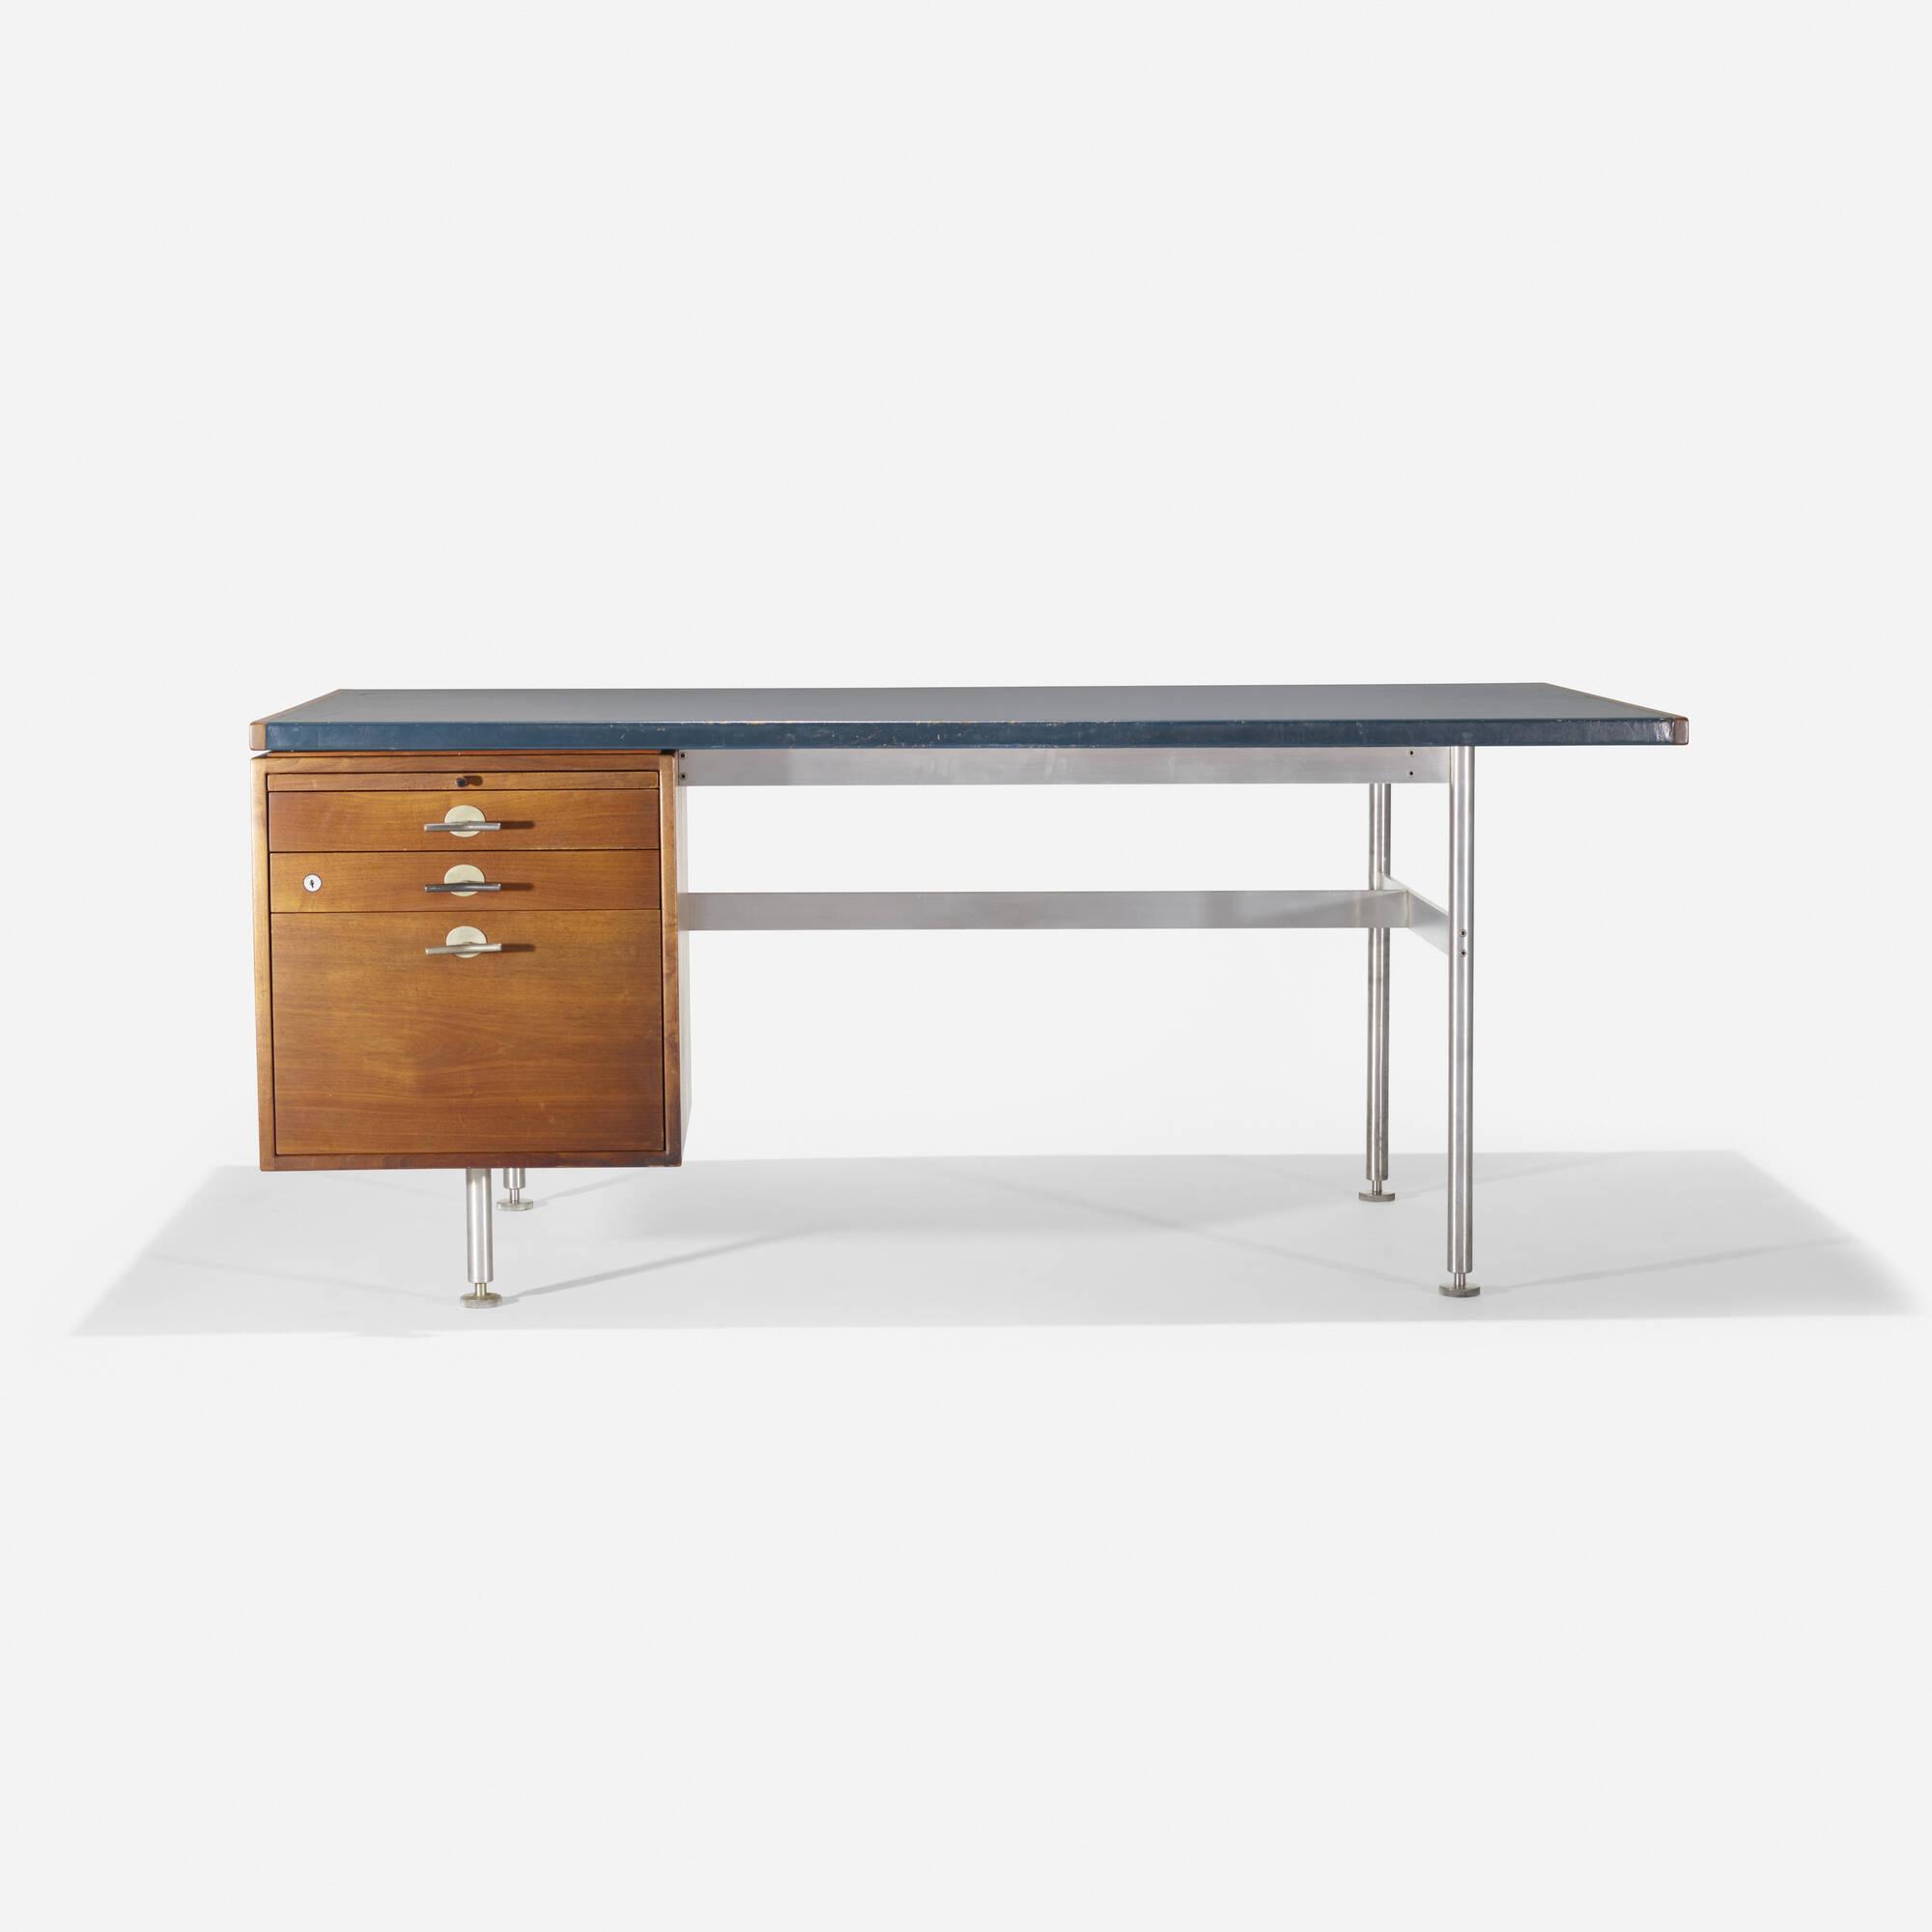 101: Jens Risom / desk (2 of 5)